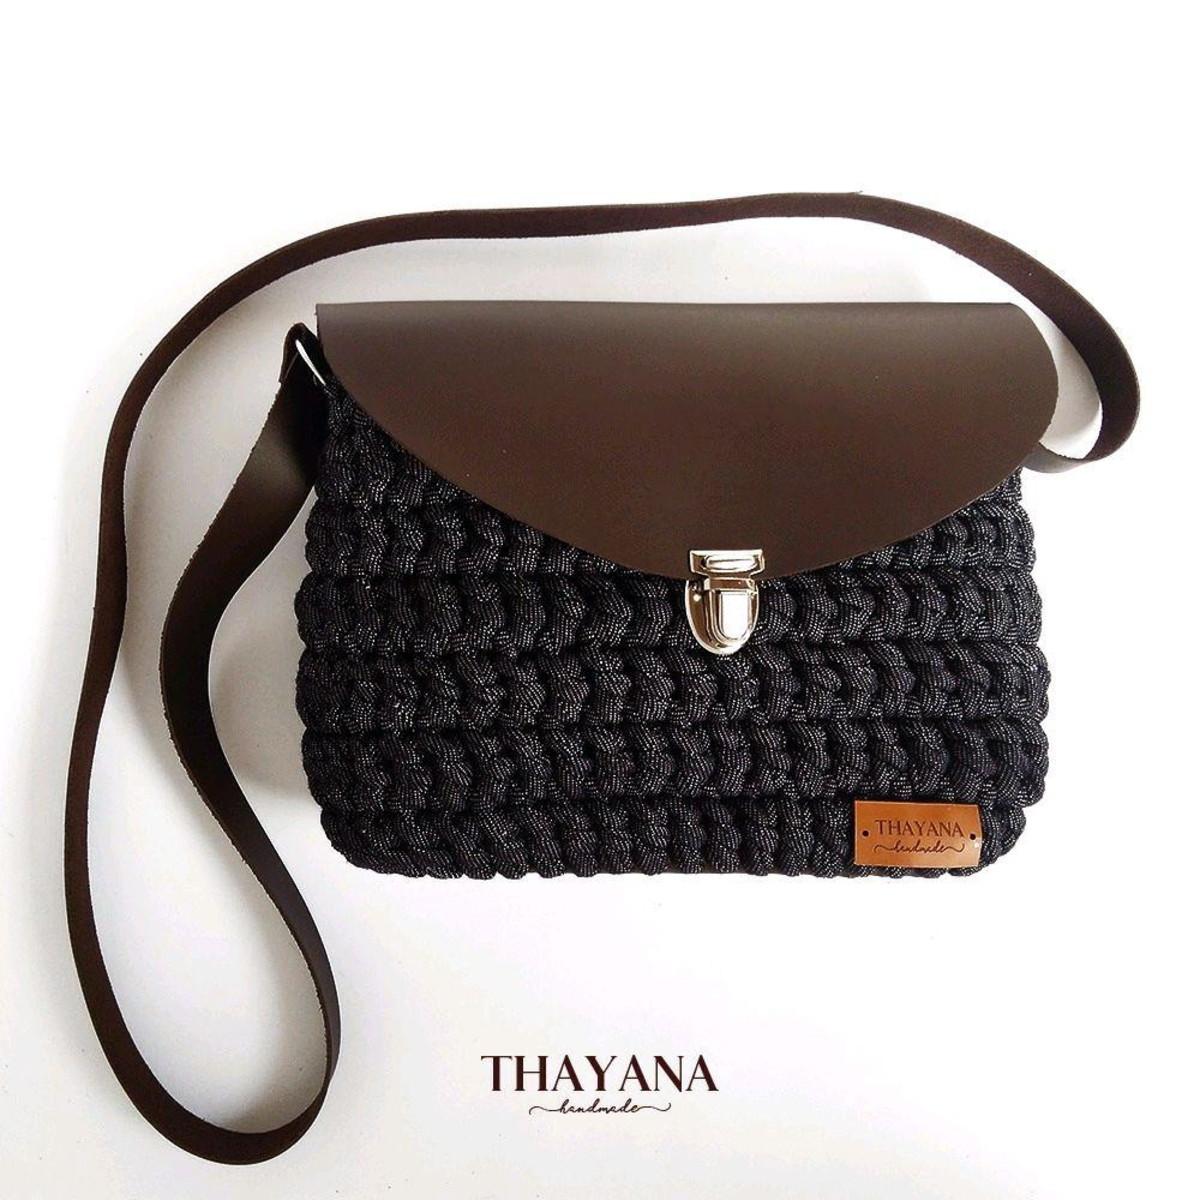 0fa4441f8 Bolsa de lado - jeans e couro no Elo7 | Thayana handmade (AE4696)